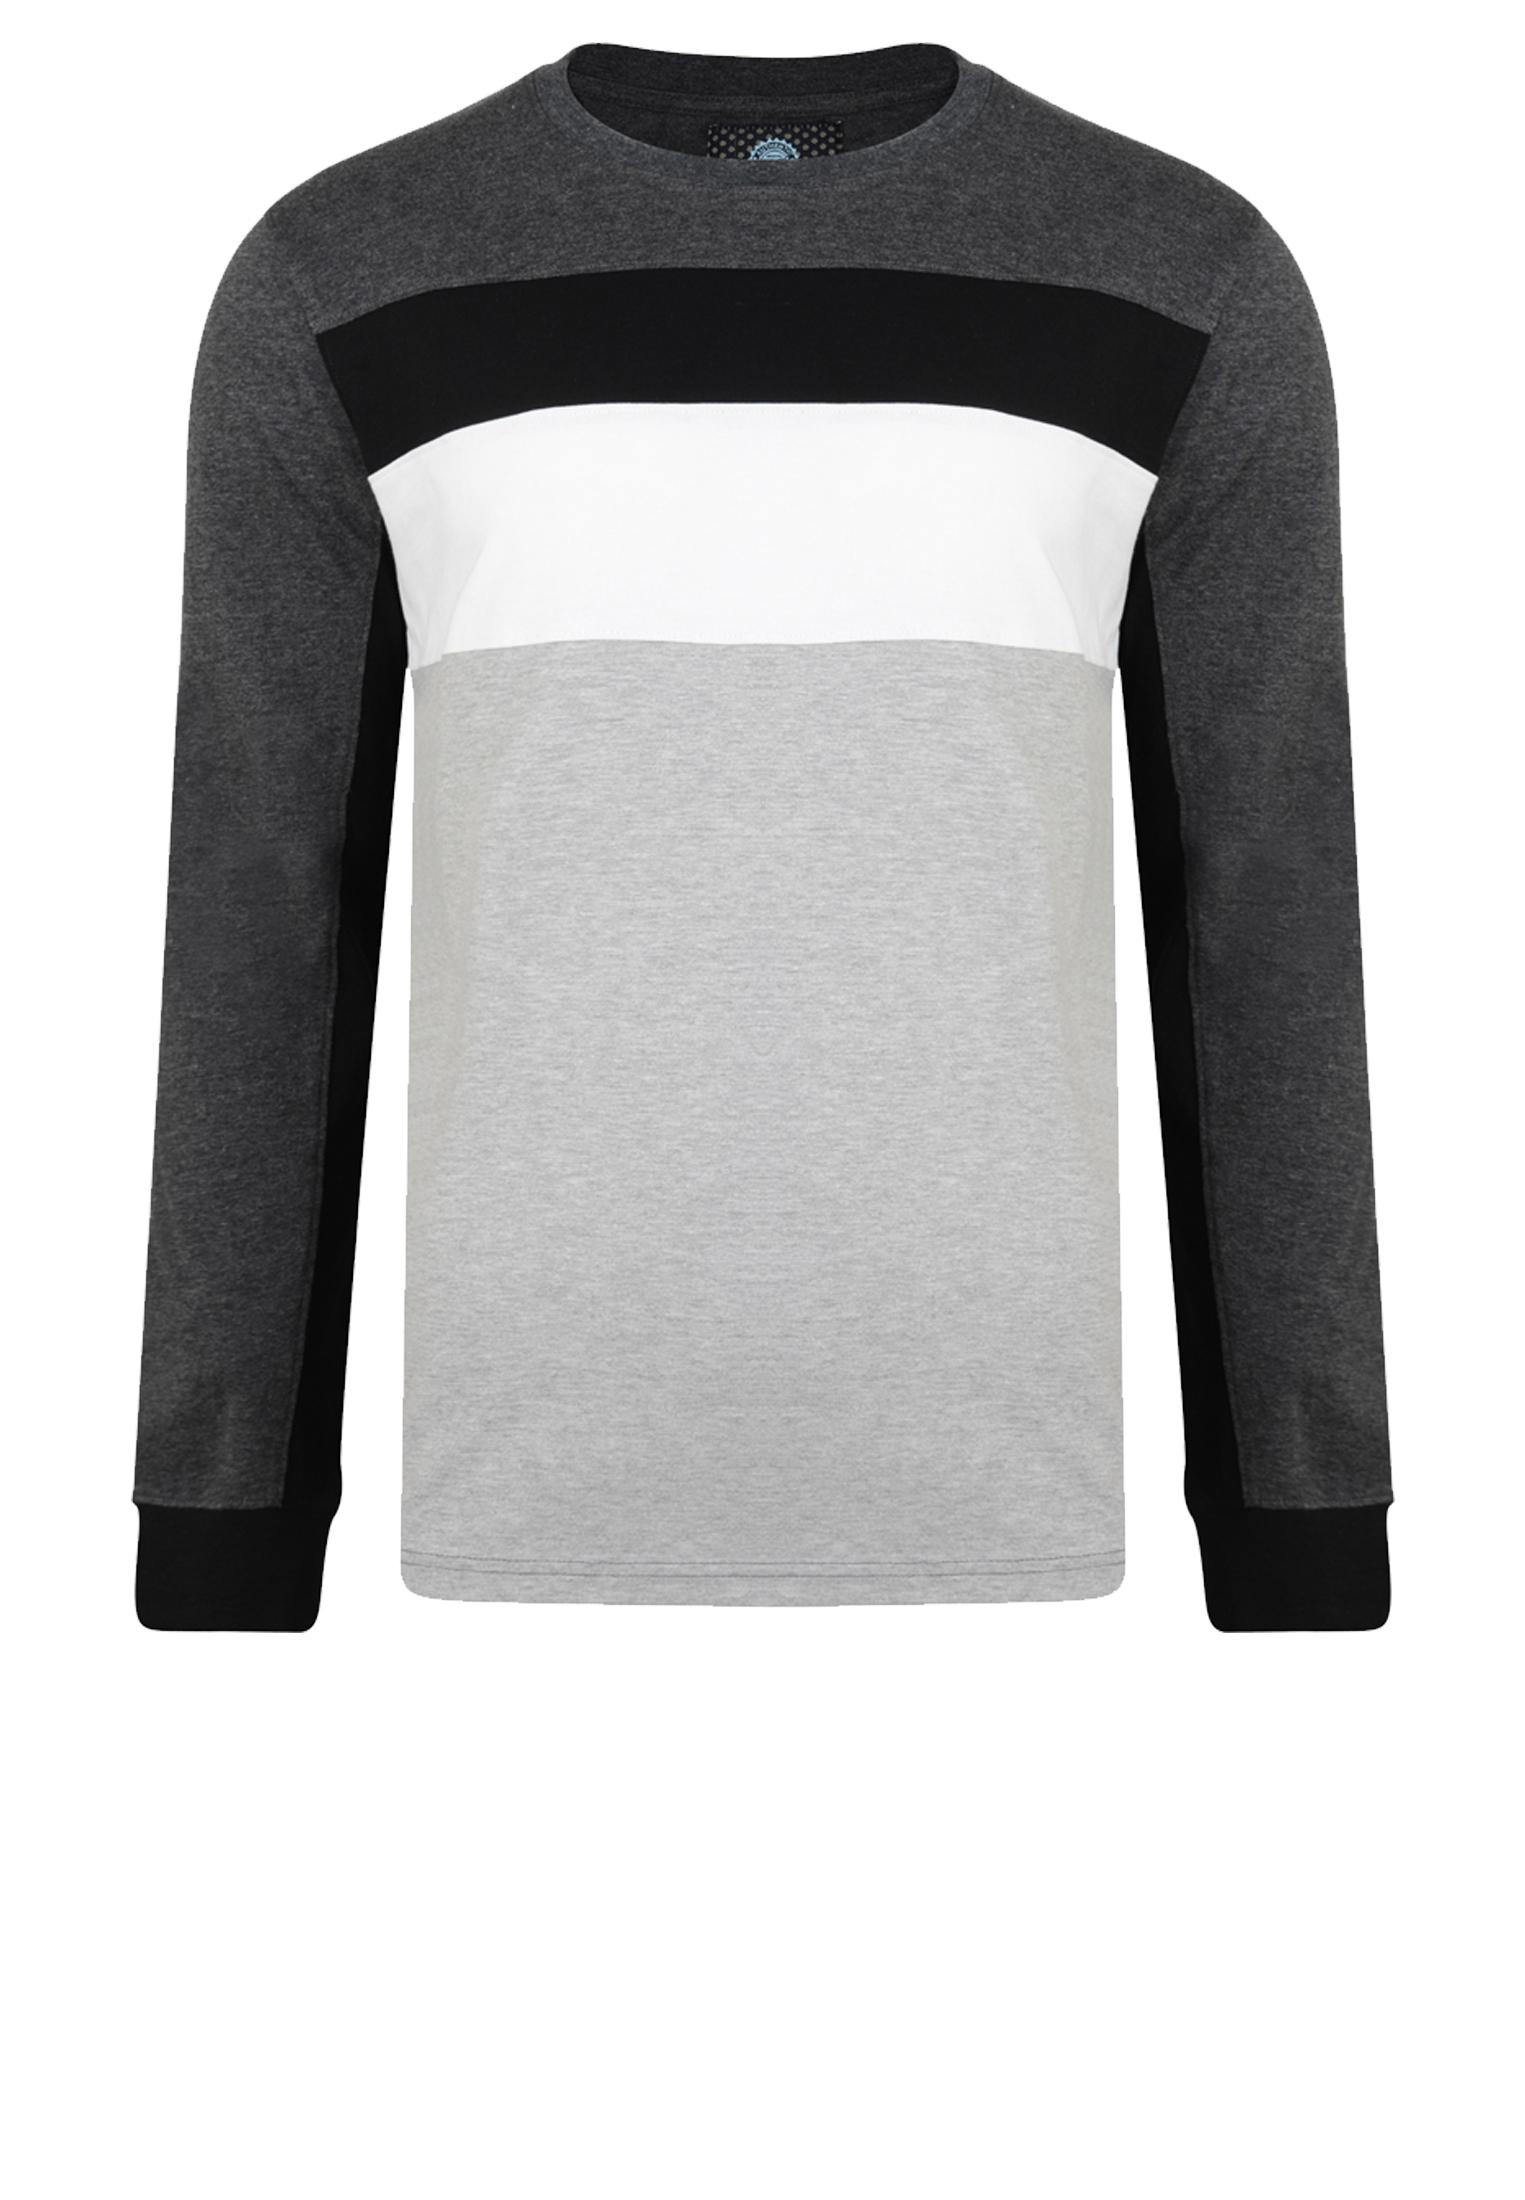 KAM JEANSWEAR longsleeve met een ronde hals en een streep print op de borst . Het shirt is donkergrijs van kleur